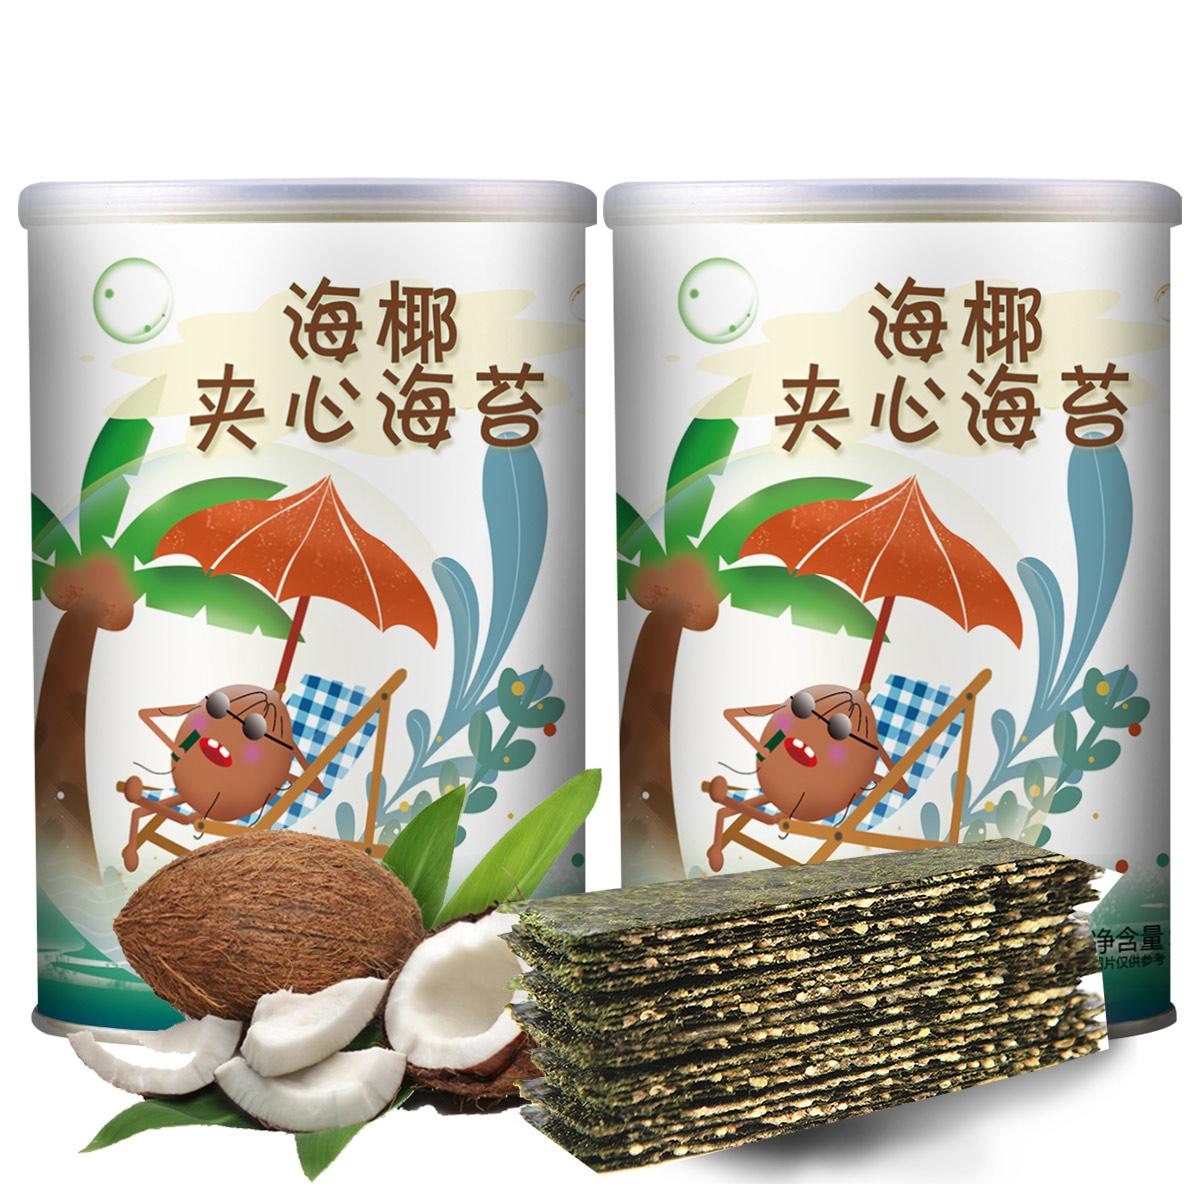 苏兰亭2罐 椰子味夹心海苔夹心脆芝麻夹心海苔儿童海苔即食海苔52gCOLOR其它颜色